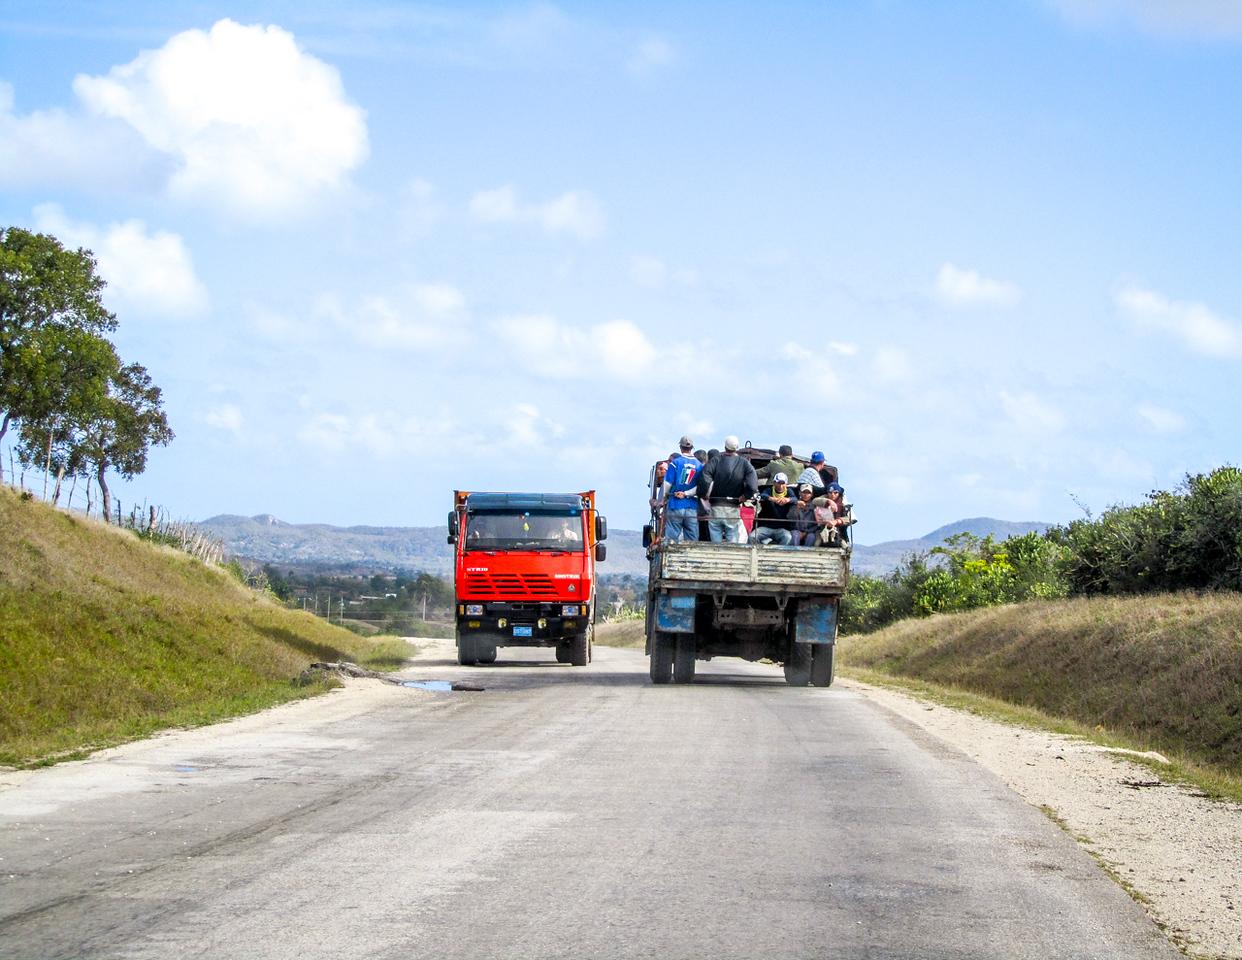 IMAGE: https://photos.smugmug.com/Cuba-2011-/On-the-road/i-MvTXQnR/0/1e209fe9/X2/IMG_1303-X2.jpg